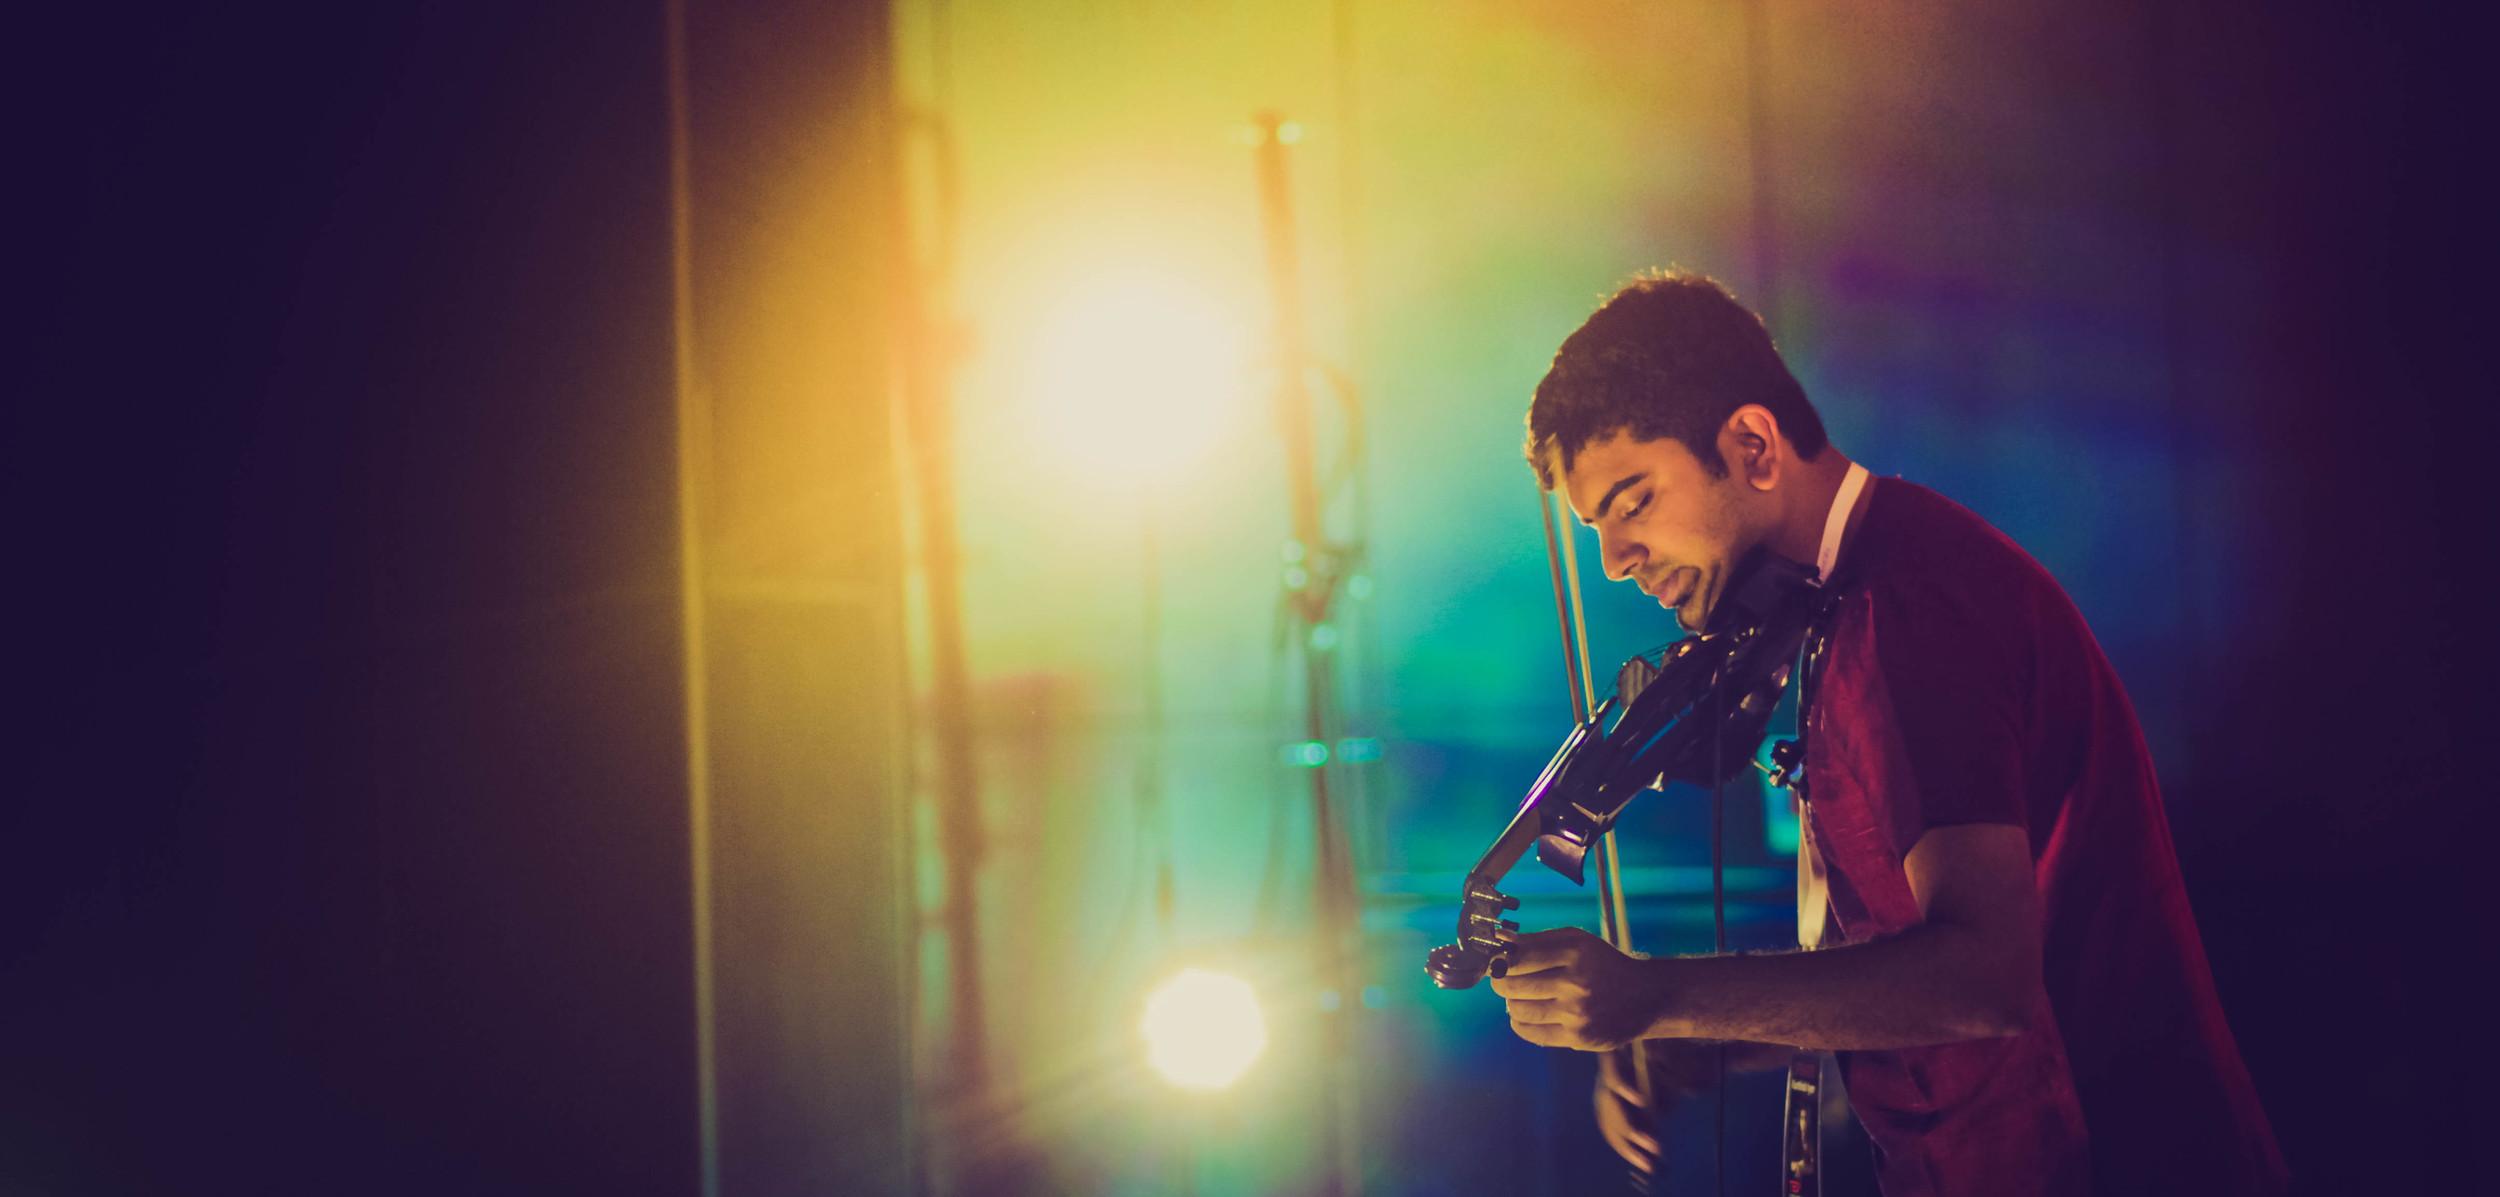 Karthick Iyer - IndoSoul - Violinist - Chennai